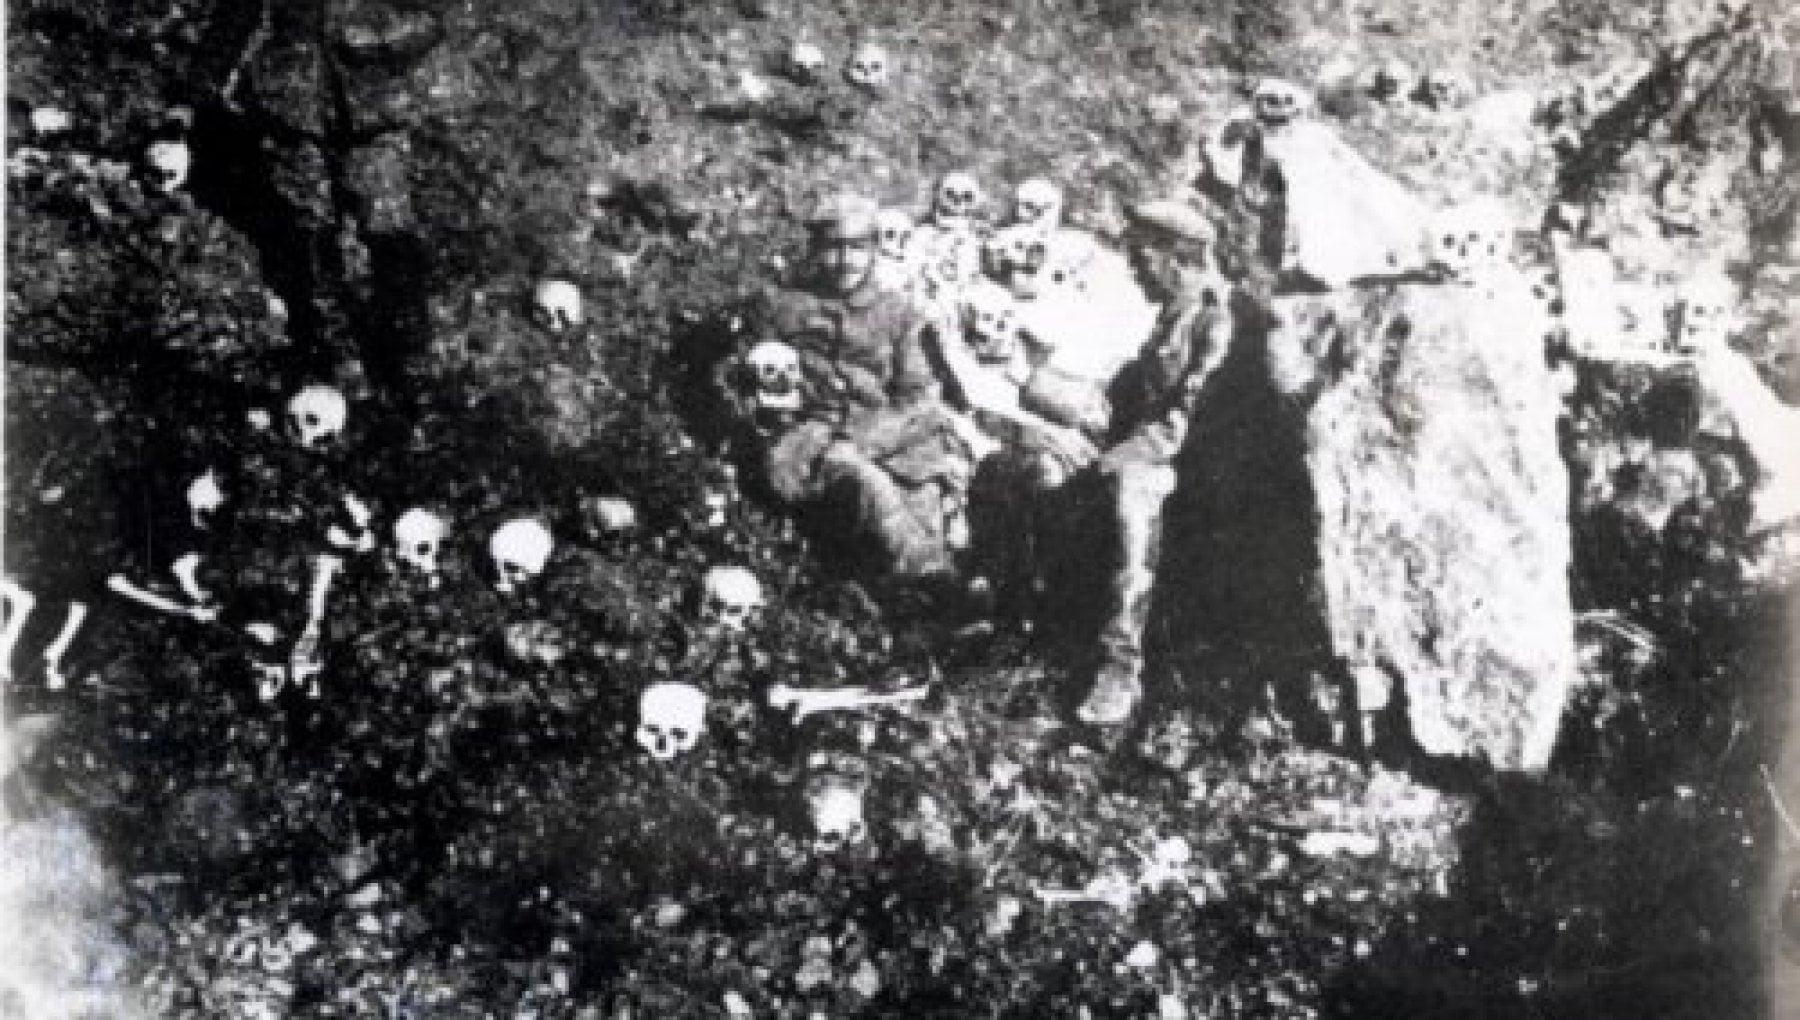 il-genocidio-armeno:-quelle-marce-della-morte-nel-deserto-che-cancellarono-uomini,-donne-e-bambini